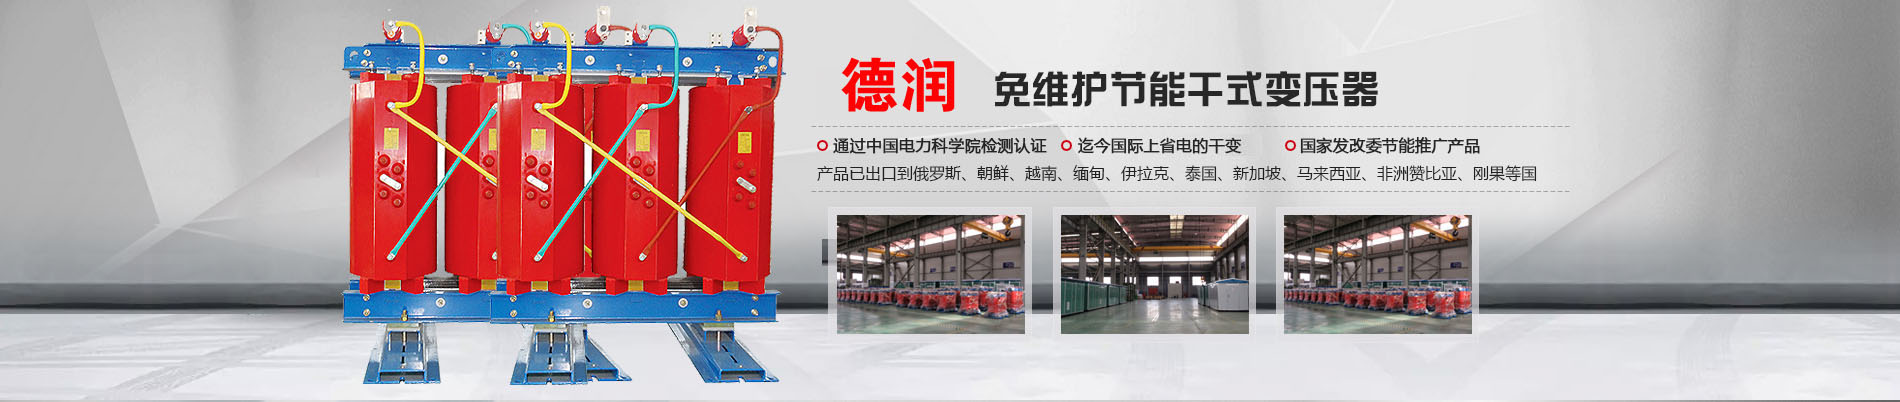 徐州干式变压器厂家